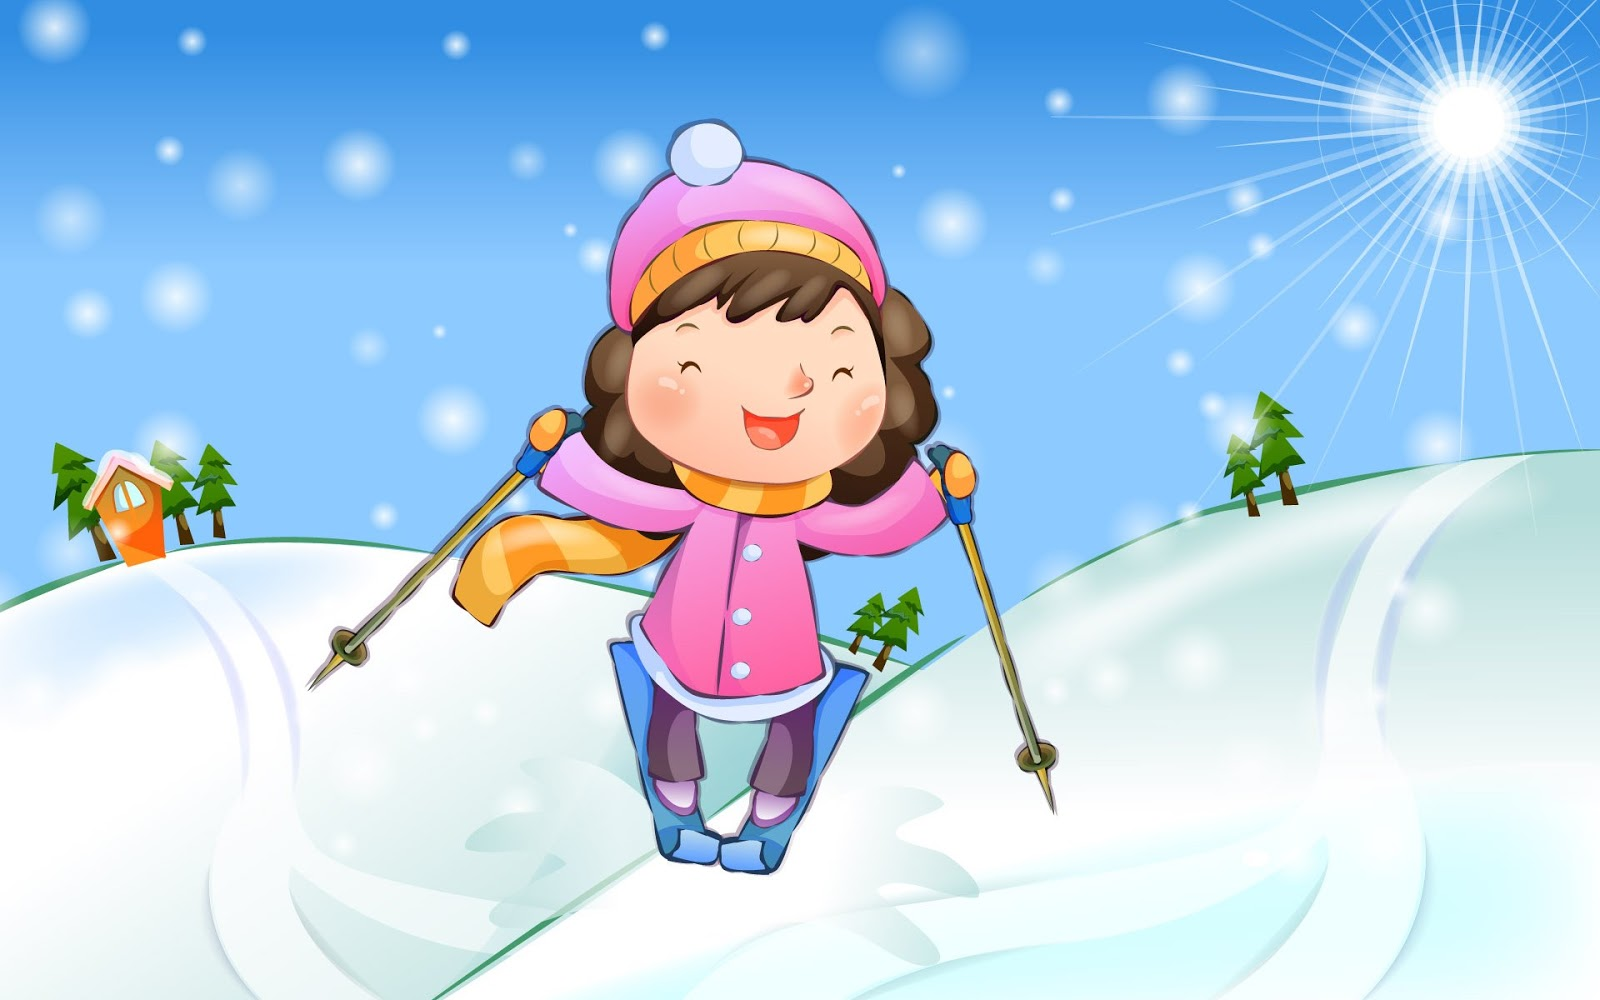 День, картинки с лыжниками для детей